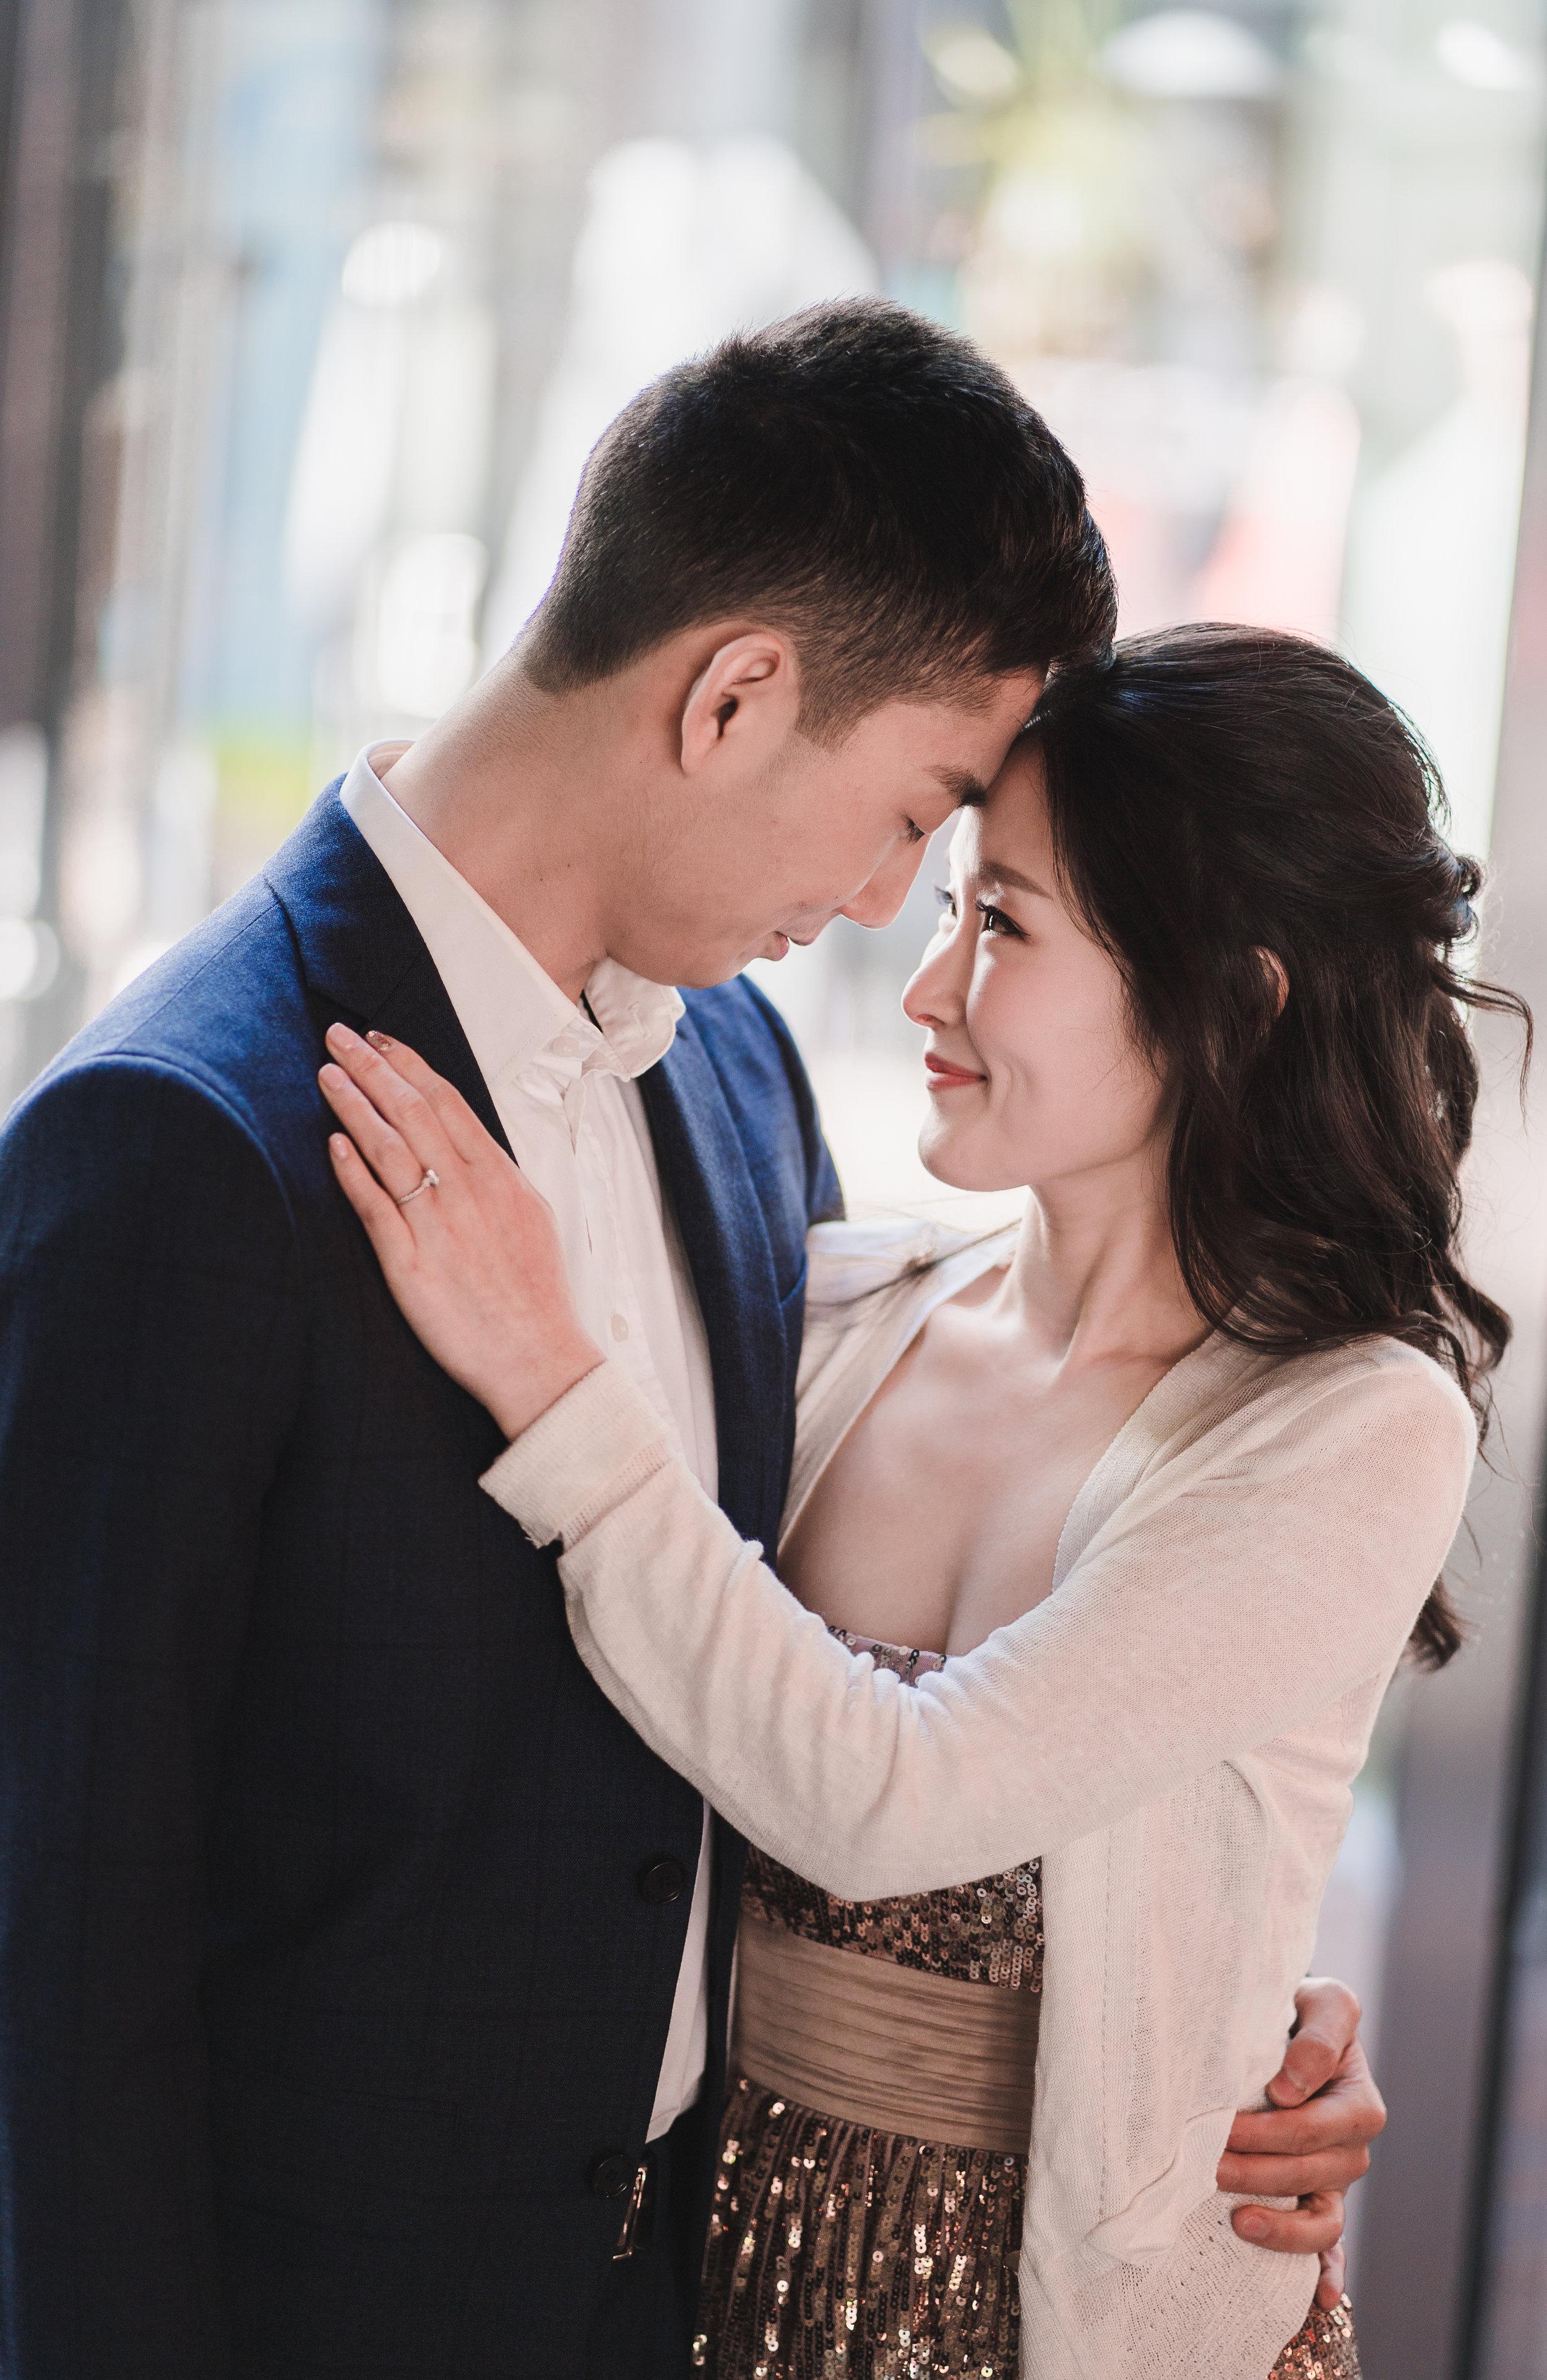 20190428 - Rachel & Brandon Engagement - 0069.jpg